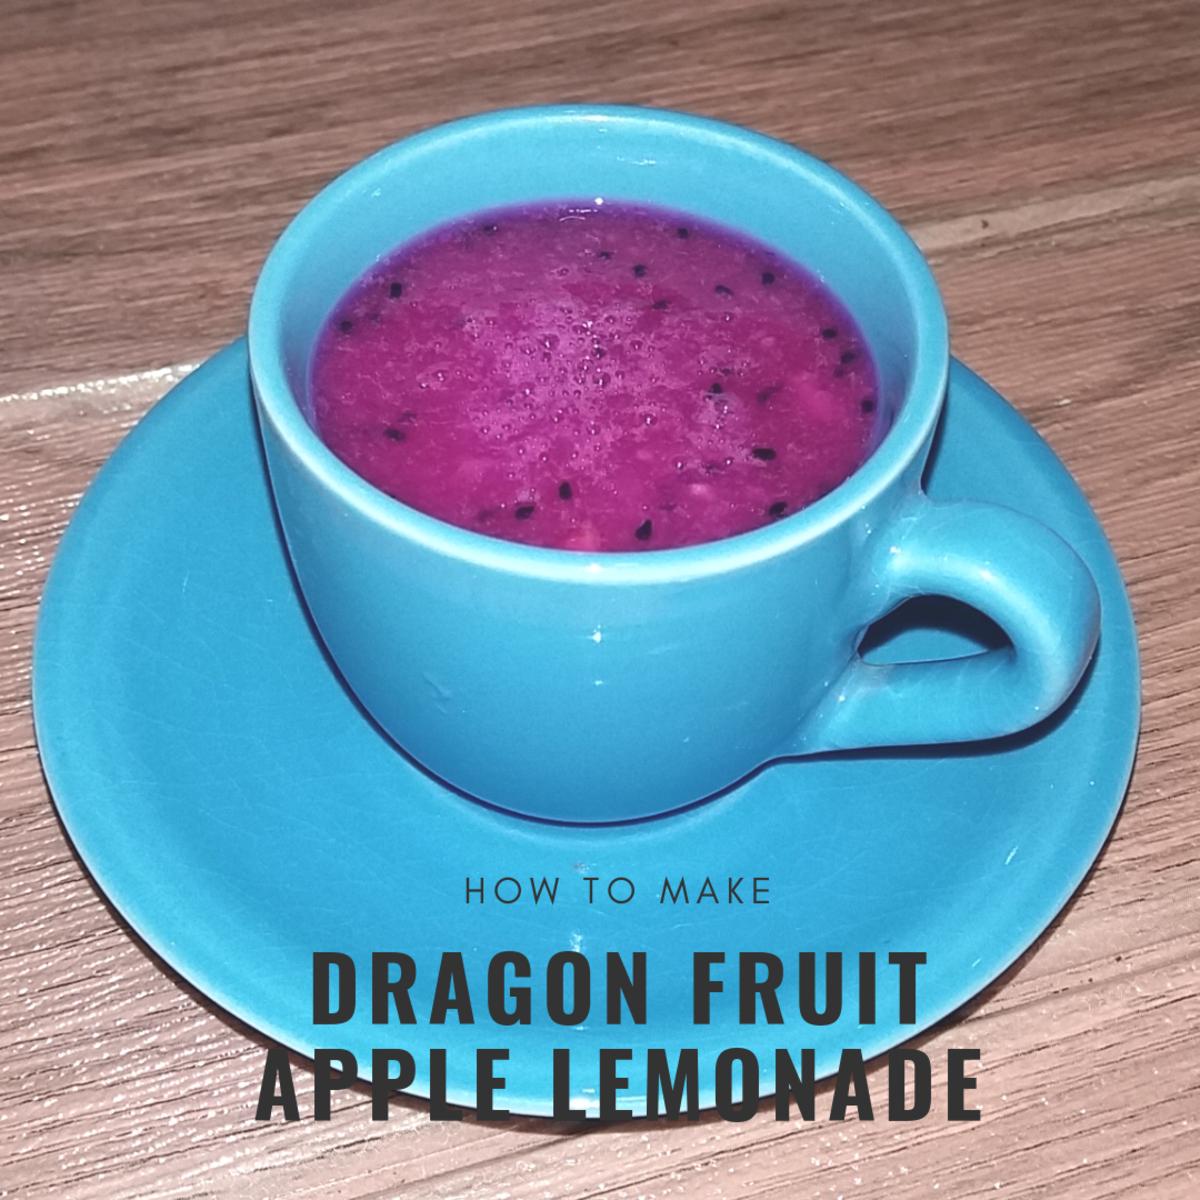 How to Make Dragon Fruit Apple Lemonade